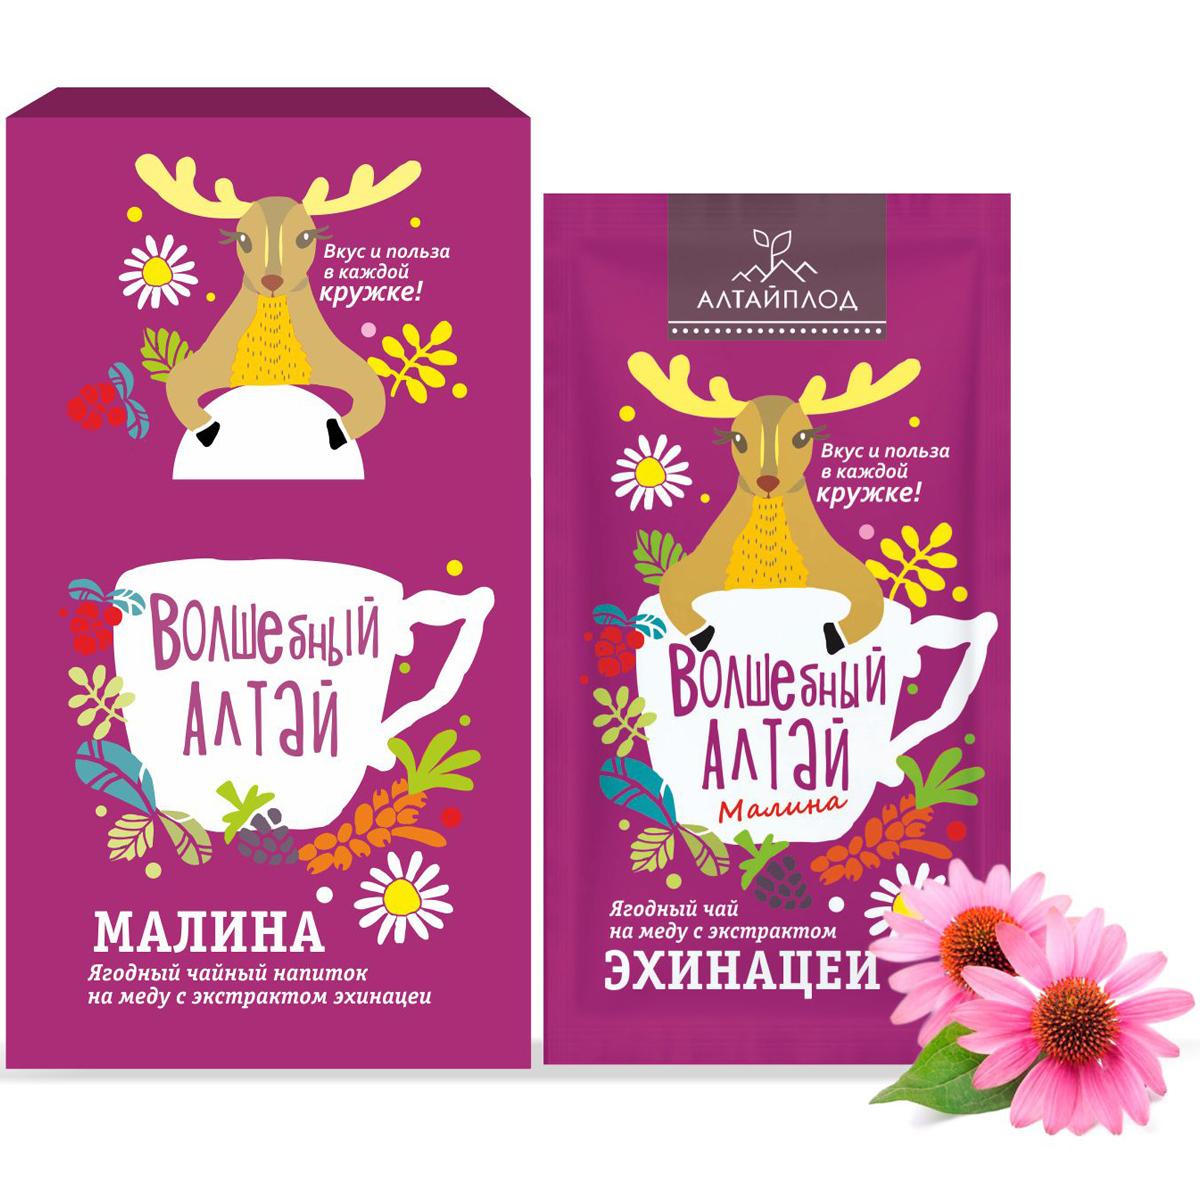 Малиновый ягодный чайный напиток на меду с экстрактом эхинацеи, 160 грамм, АлтайПлод